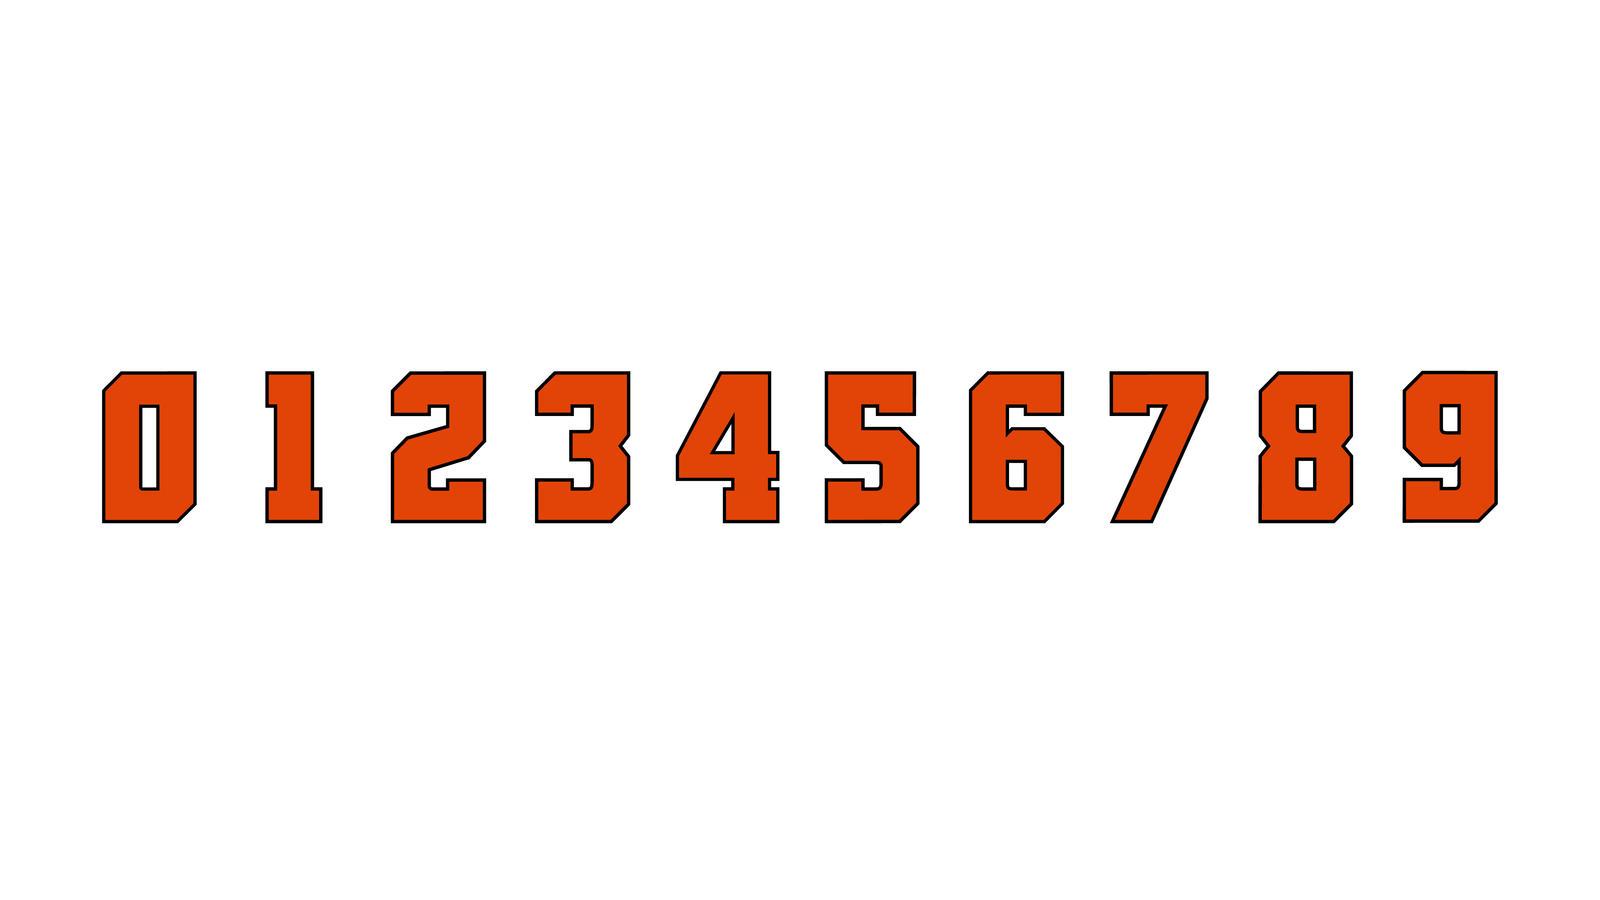 Osu Beavers Numbers